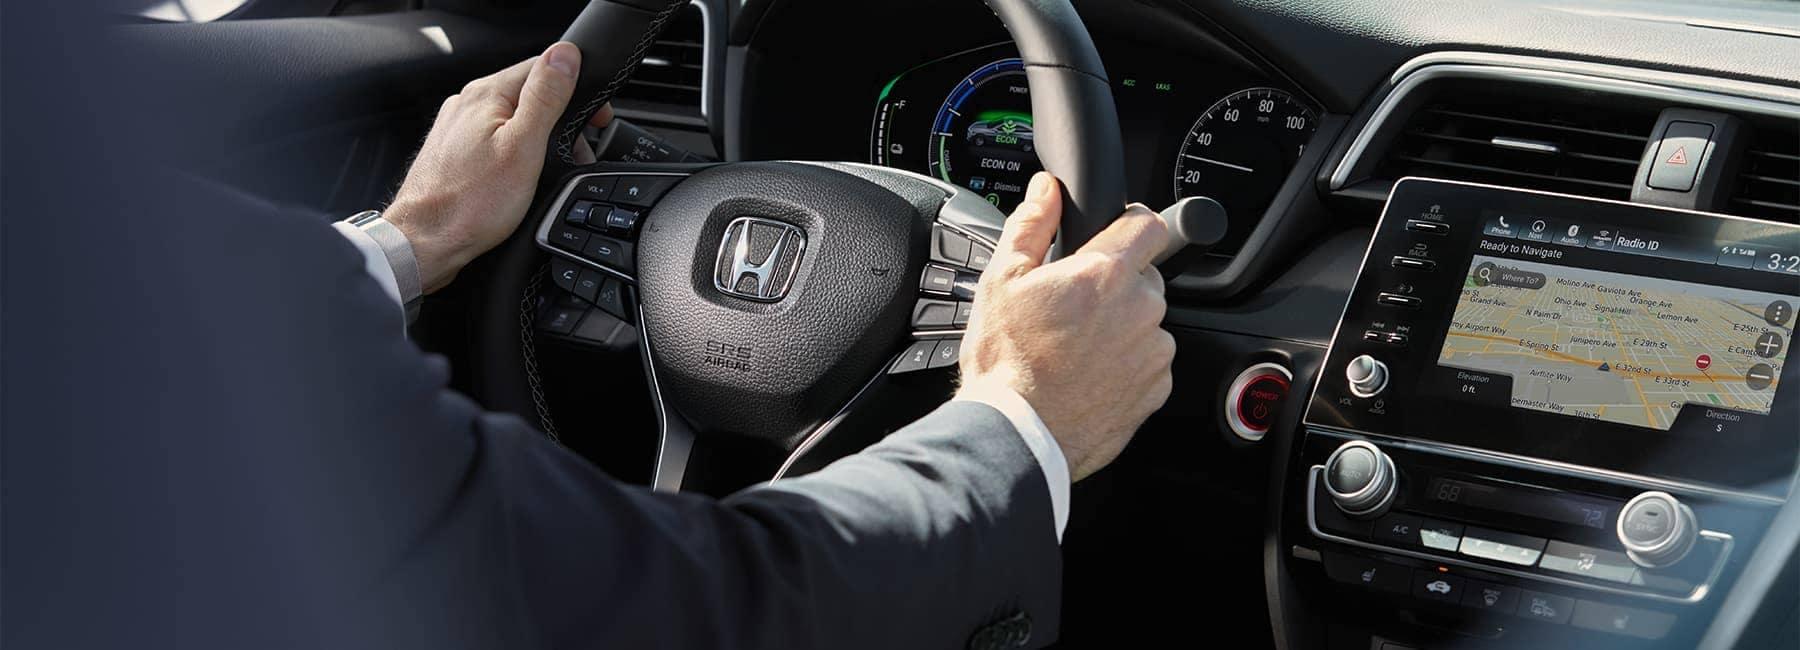 2021 Honda Insight interior hands on steering wheel